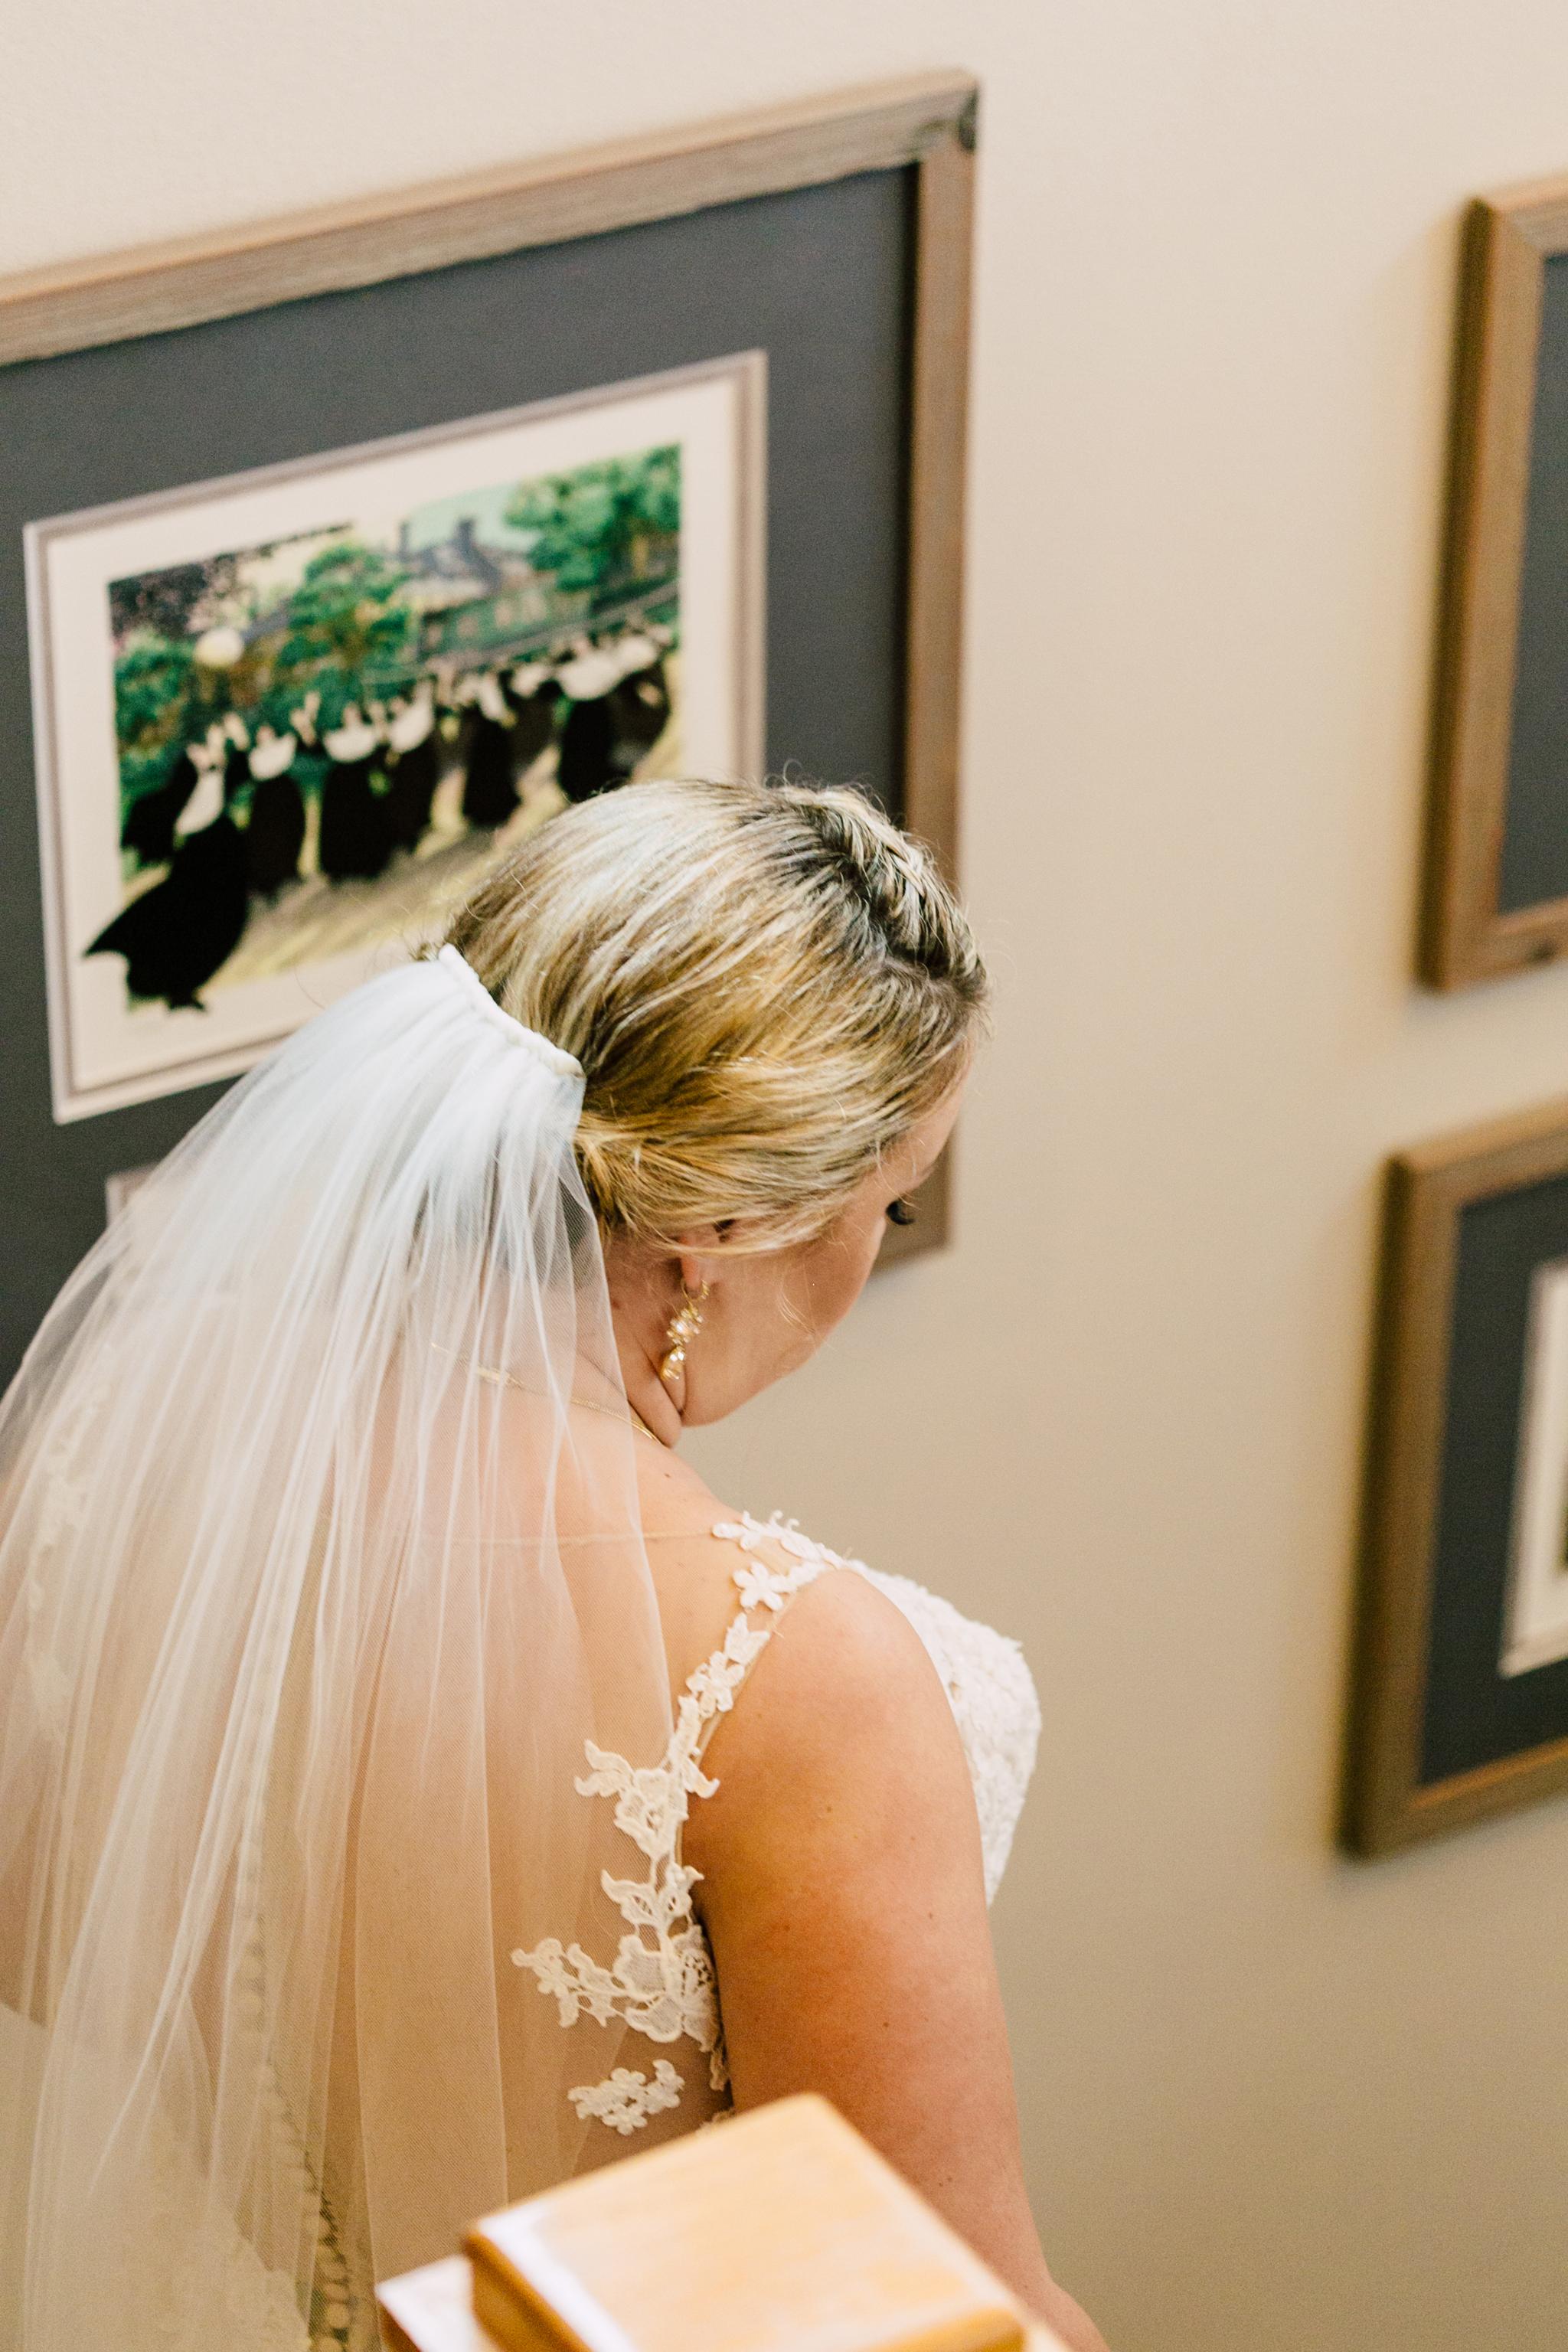 057-bellingham-wedding-photographer-beach-katheryn-moran-elisa-phillip.jpg